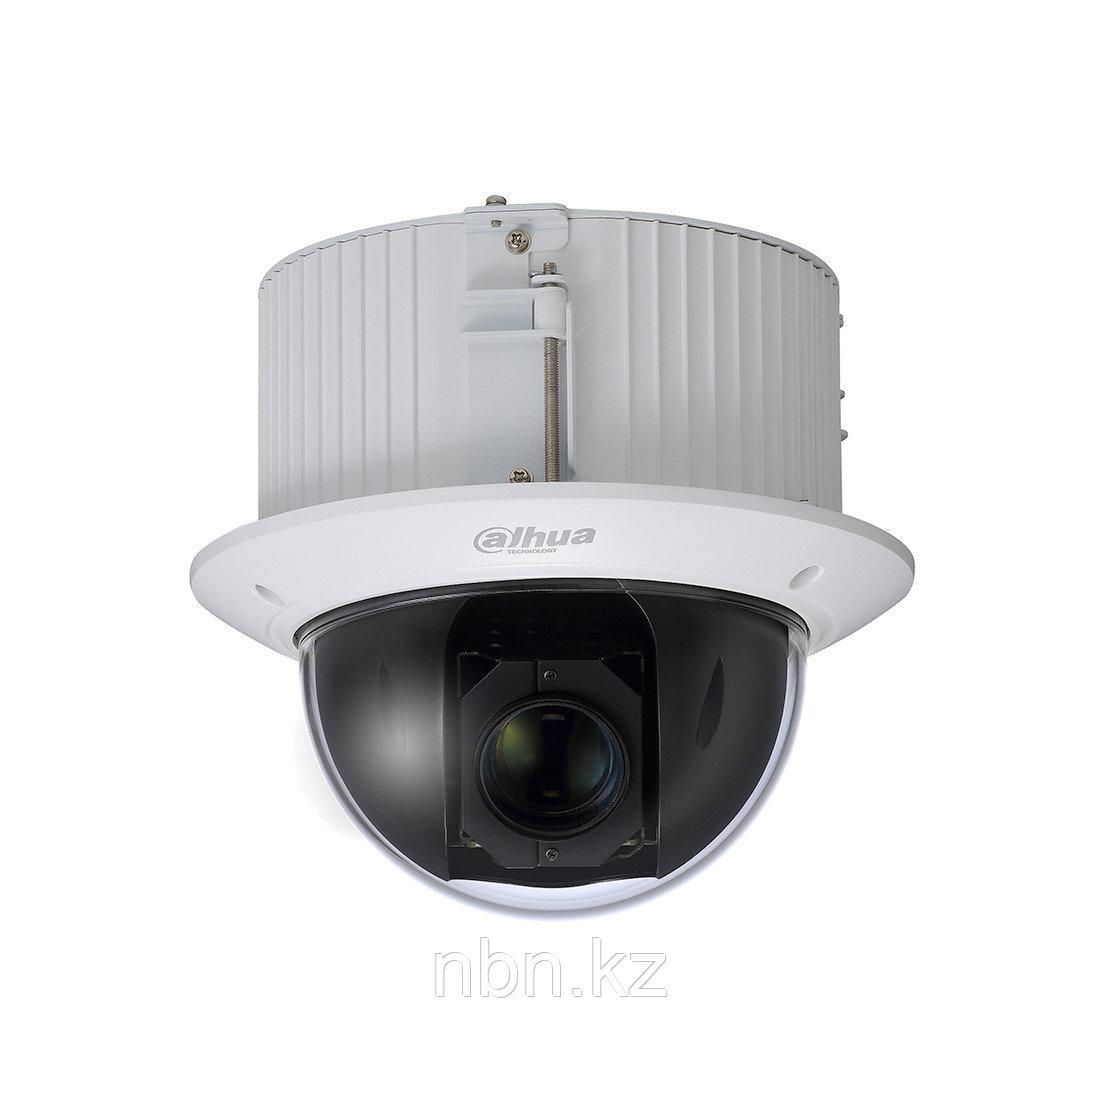 Поворотная видеокамера Dahua DH-SD52C225I-HC-S3